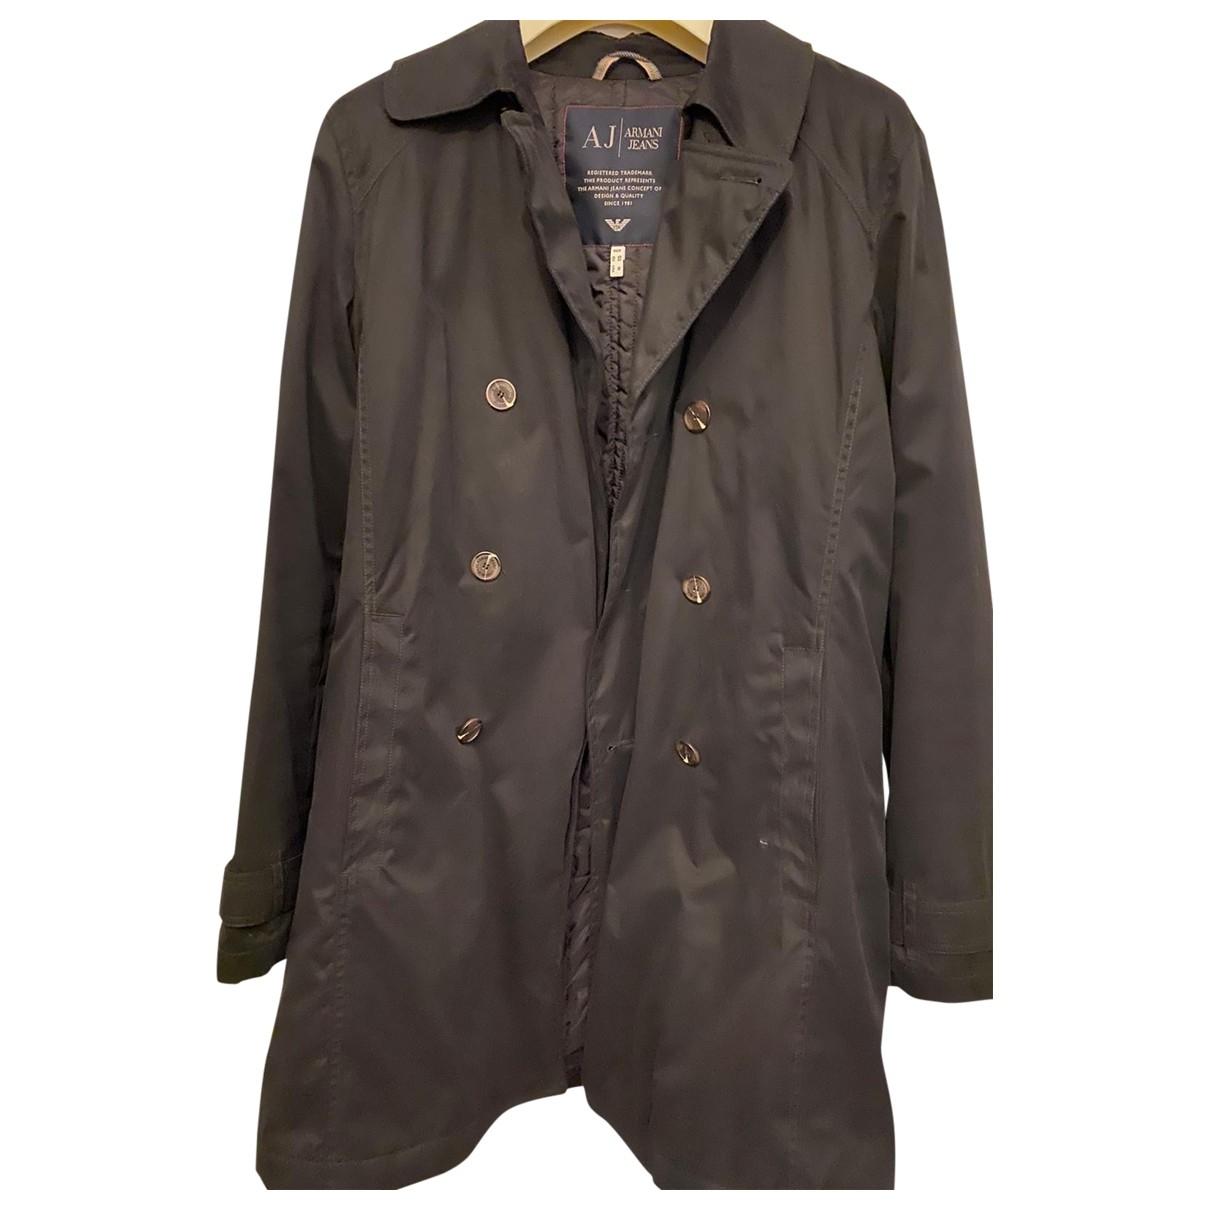 Armani Jeans \N Black jacket  for Men L International